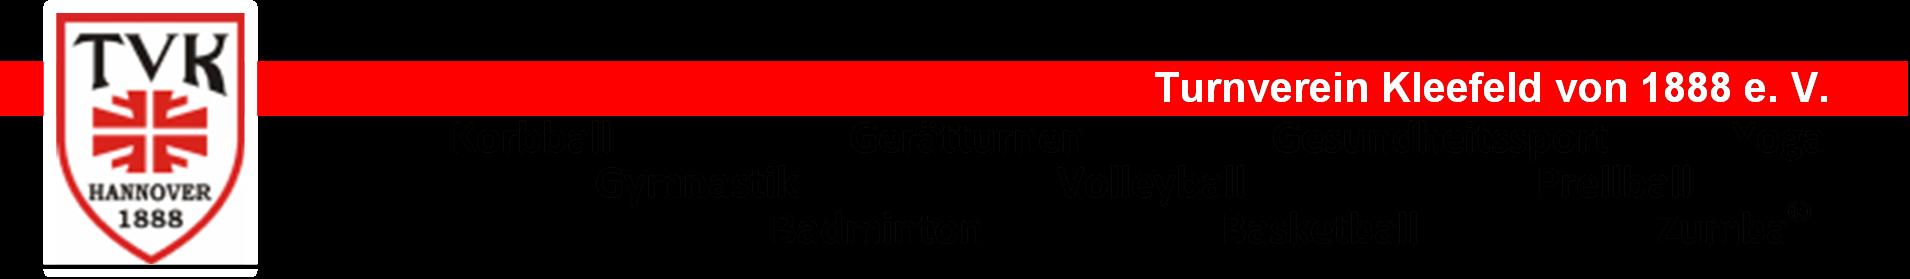 TV Kleefeld von 1888 e.V.